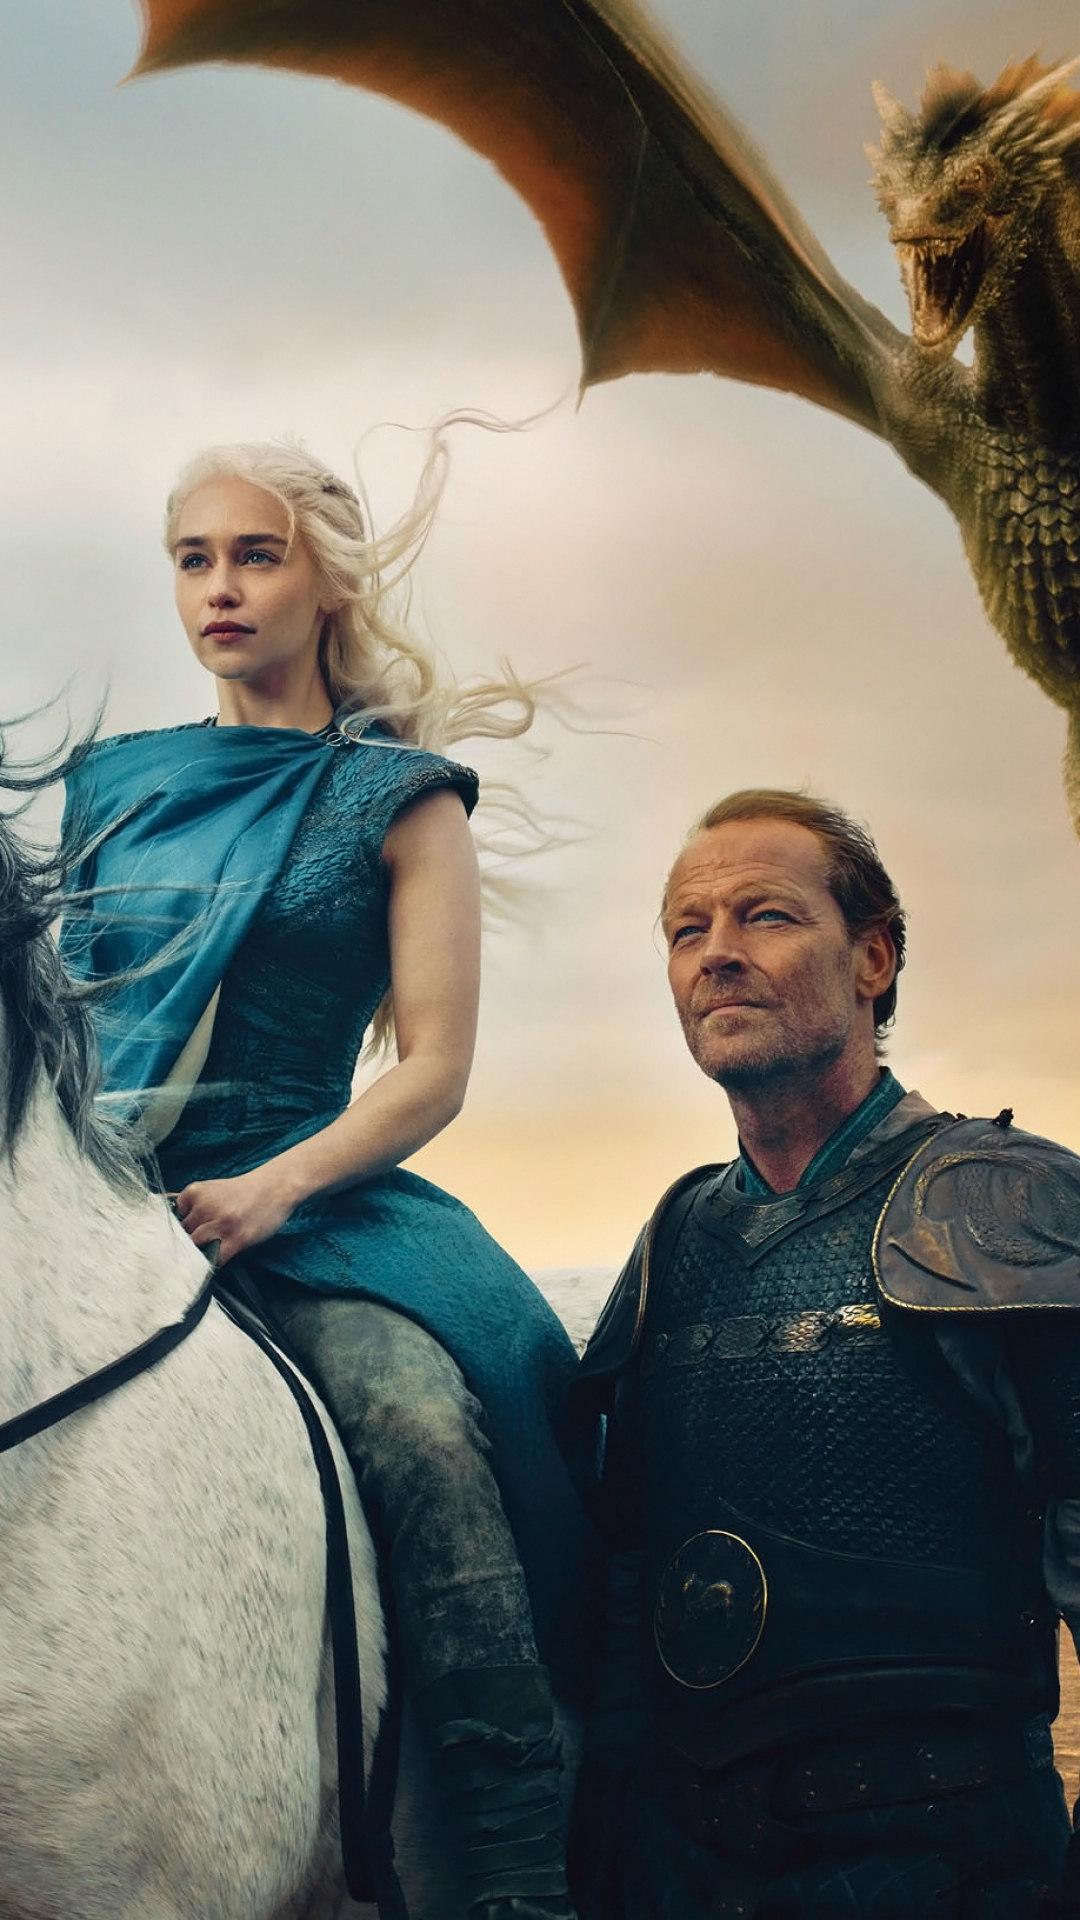 game of thrones daenerys targaryen emilia clarke jorah mormont iain glen dragons 94900 1080x1920 3Wallpapers : notre sélection de fonds décran du 15/08/2017